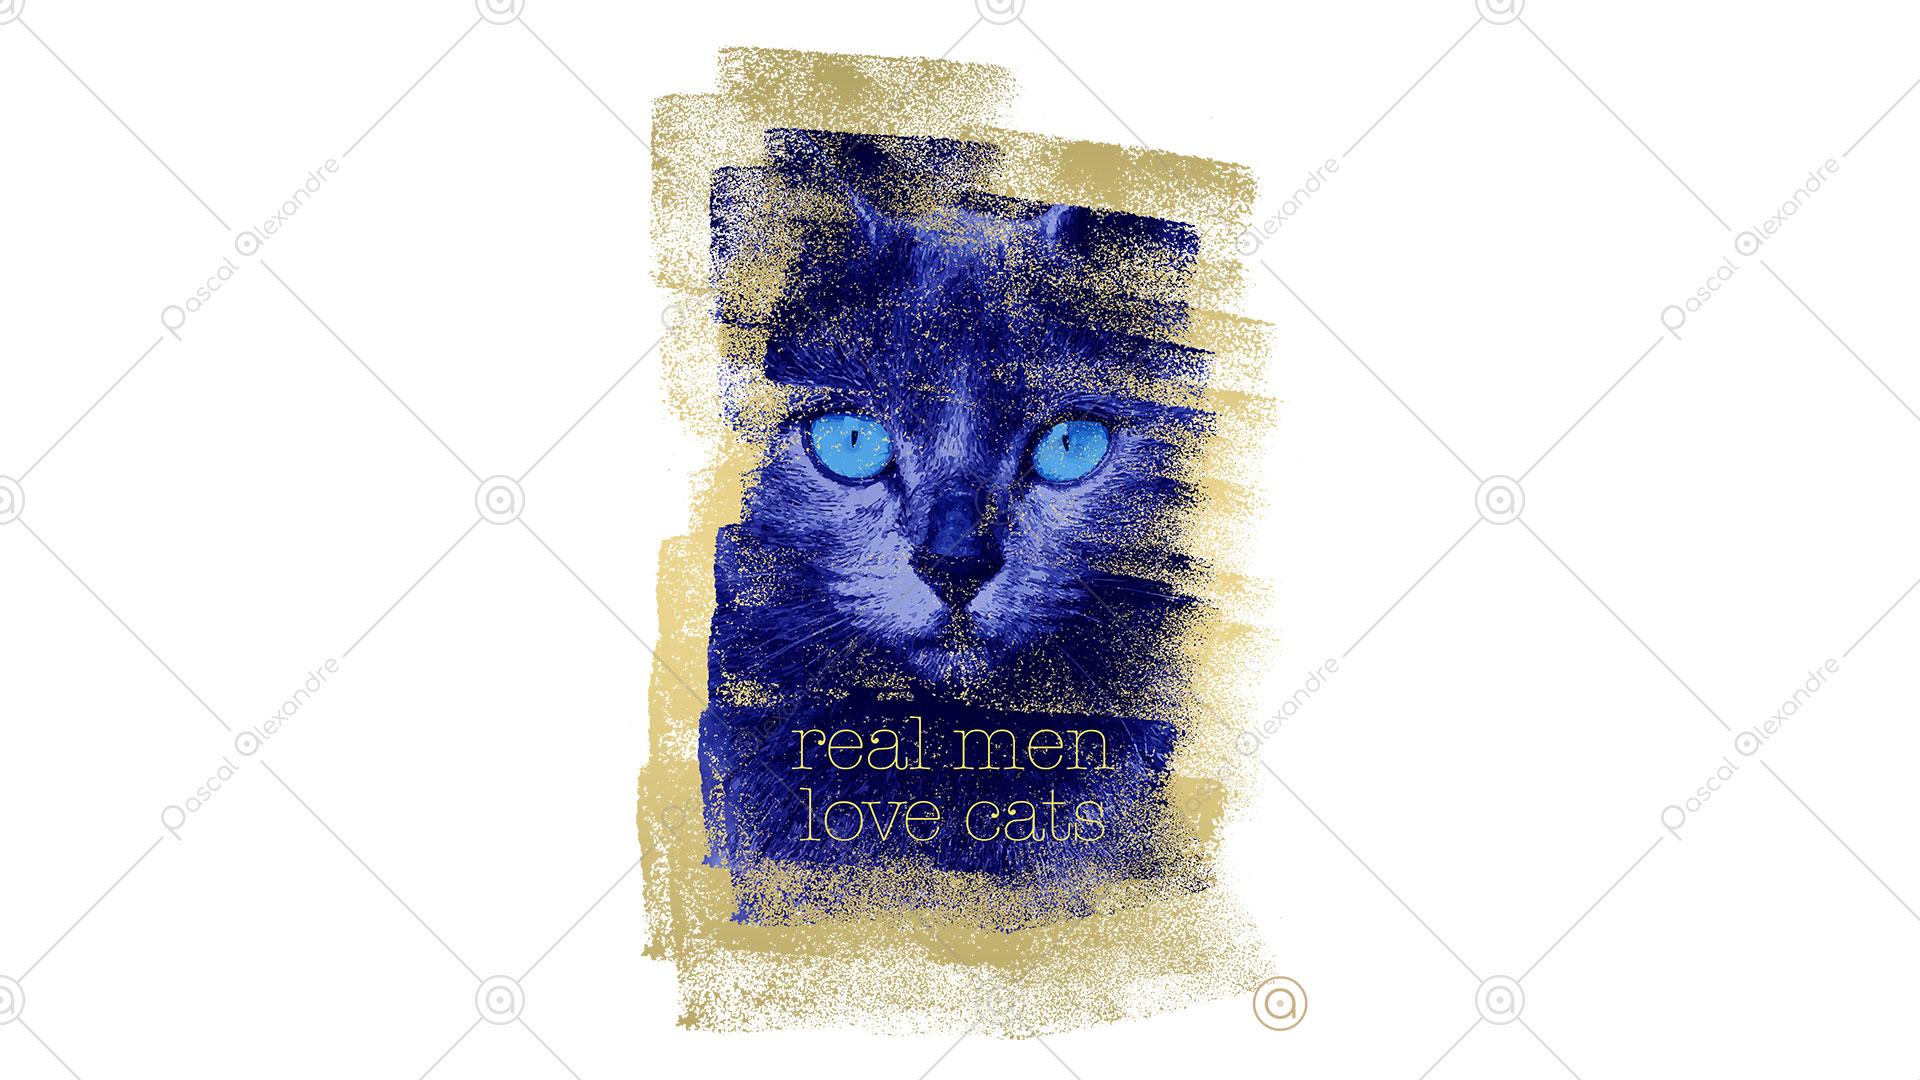 Cat 1546791342